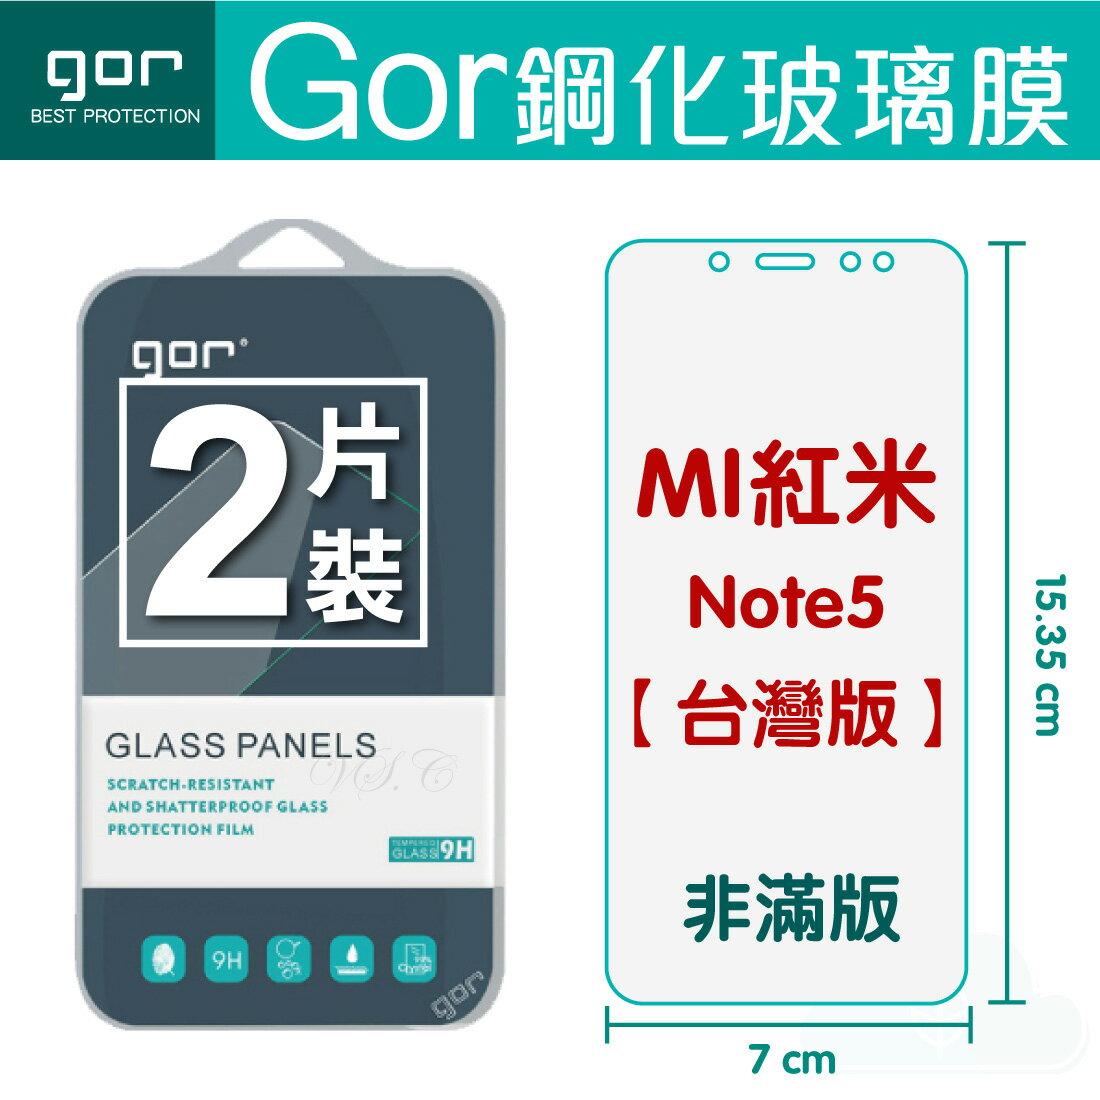 【紅米】GOR 9H 紅米 Note5 (台灣版) 鋼化 玻璃 保護貼 全透明非滿版 兩片裝 【全館滿299免運費】